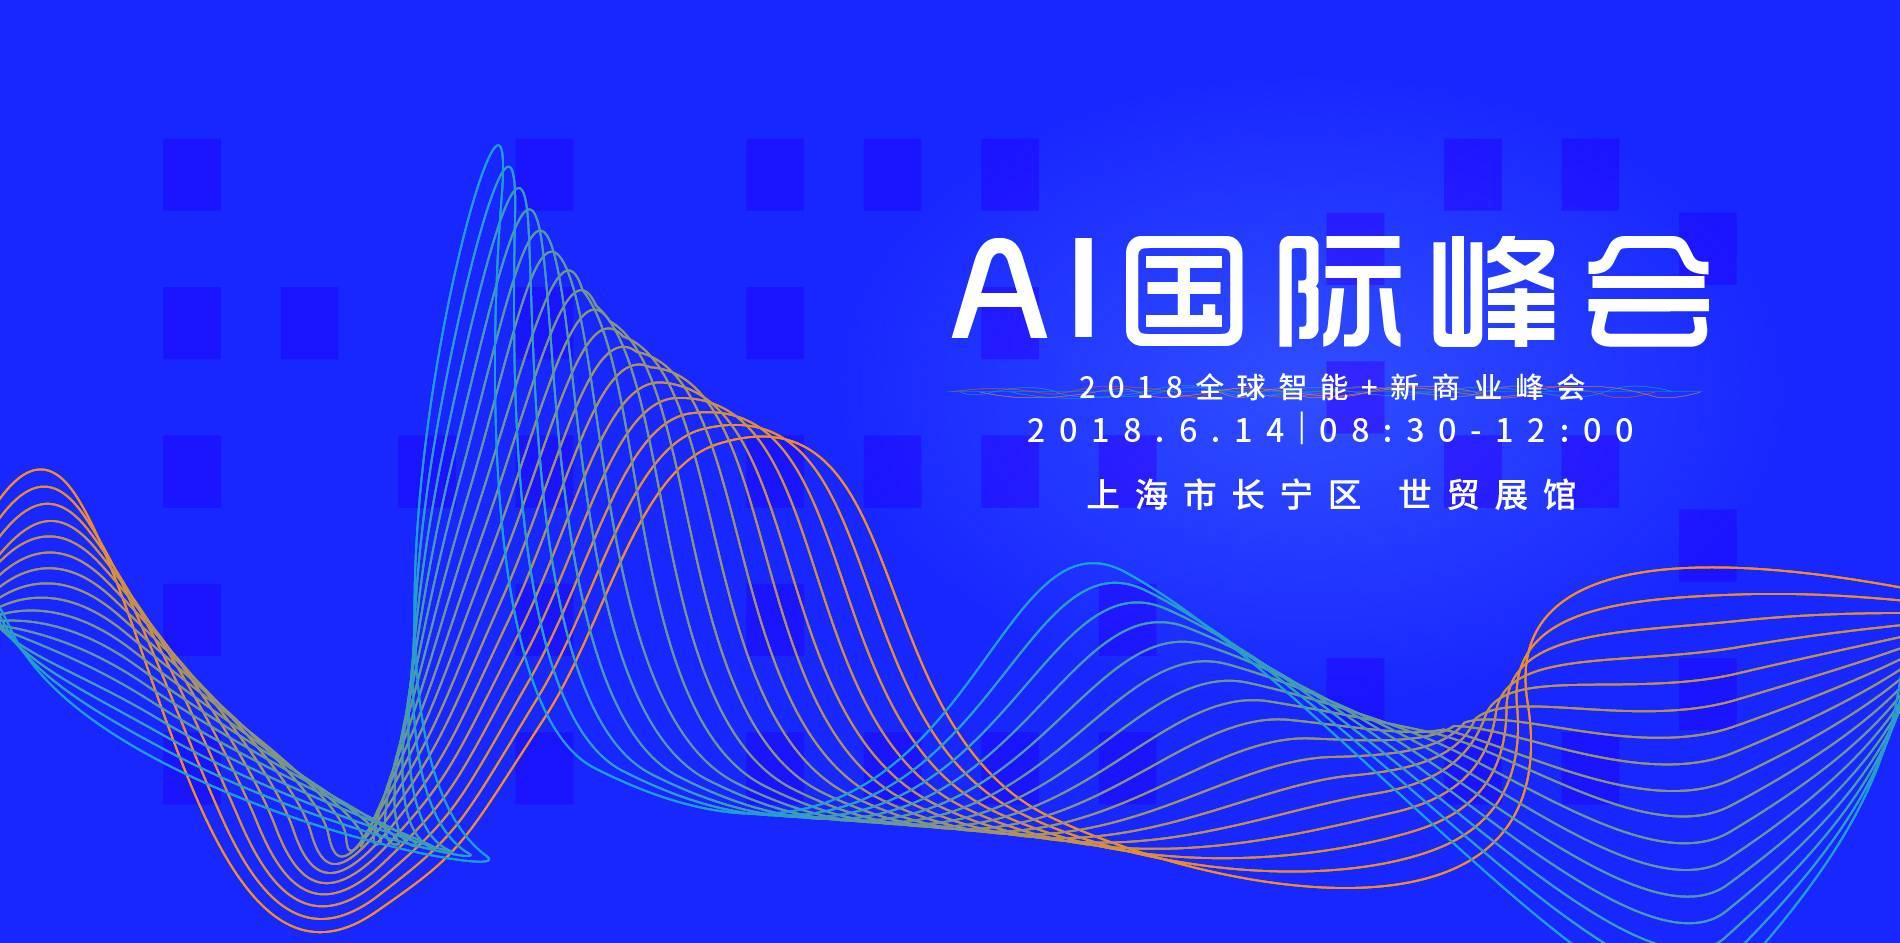 【活动】2018全球智能+新商业峰会——AI国际峰会(官方报名通道)-亿欧